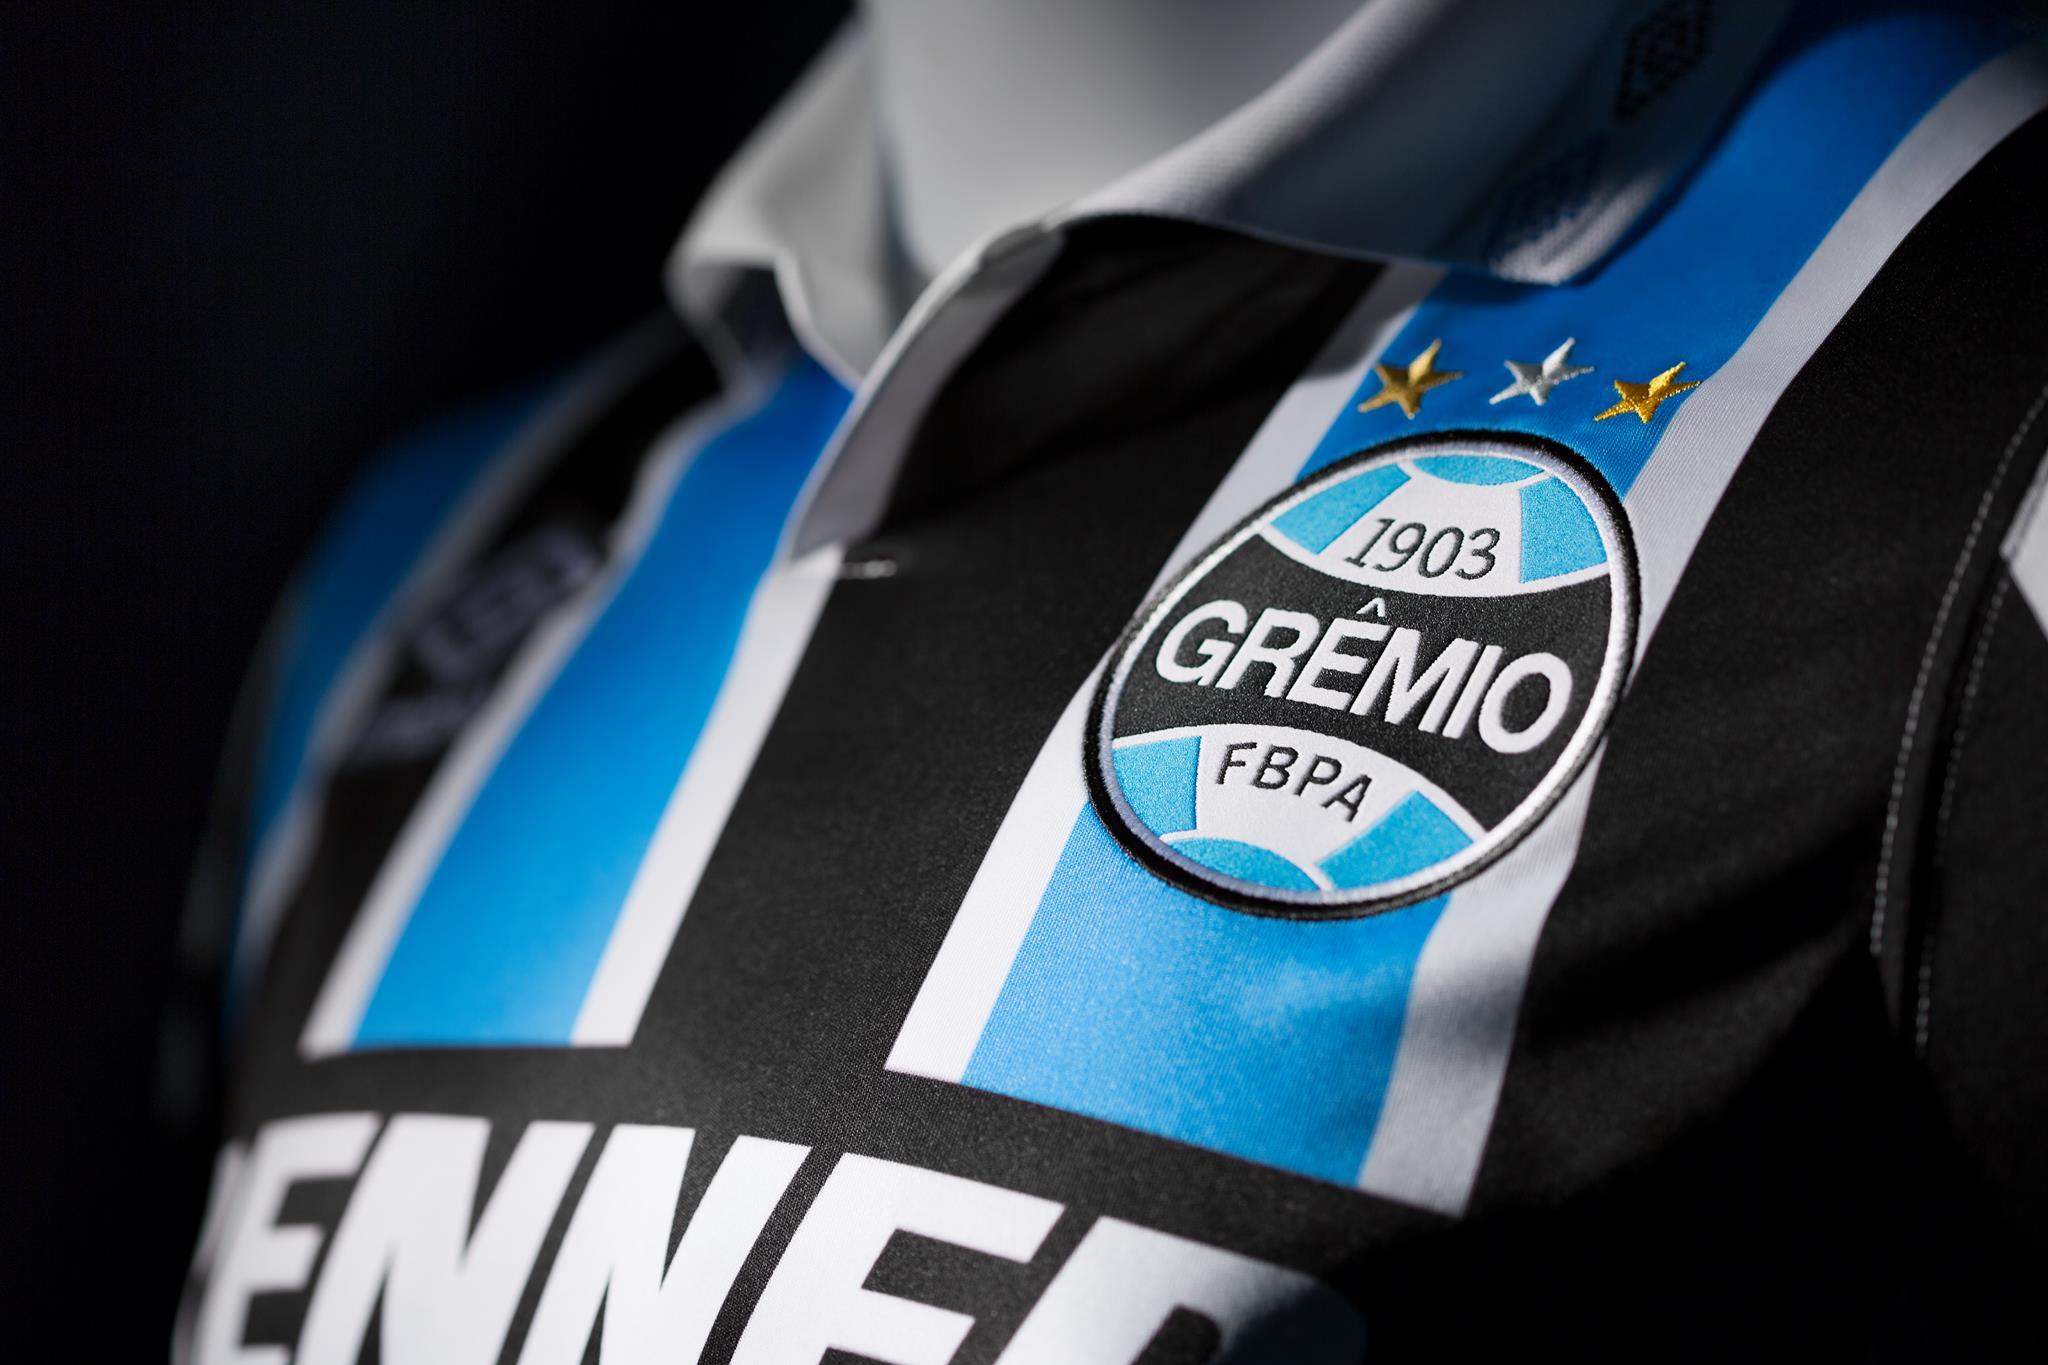 Camiseta especial del Gremio | Foto Umbro